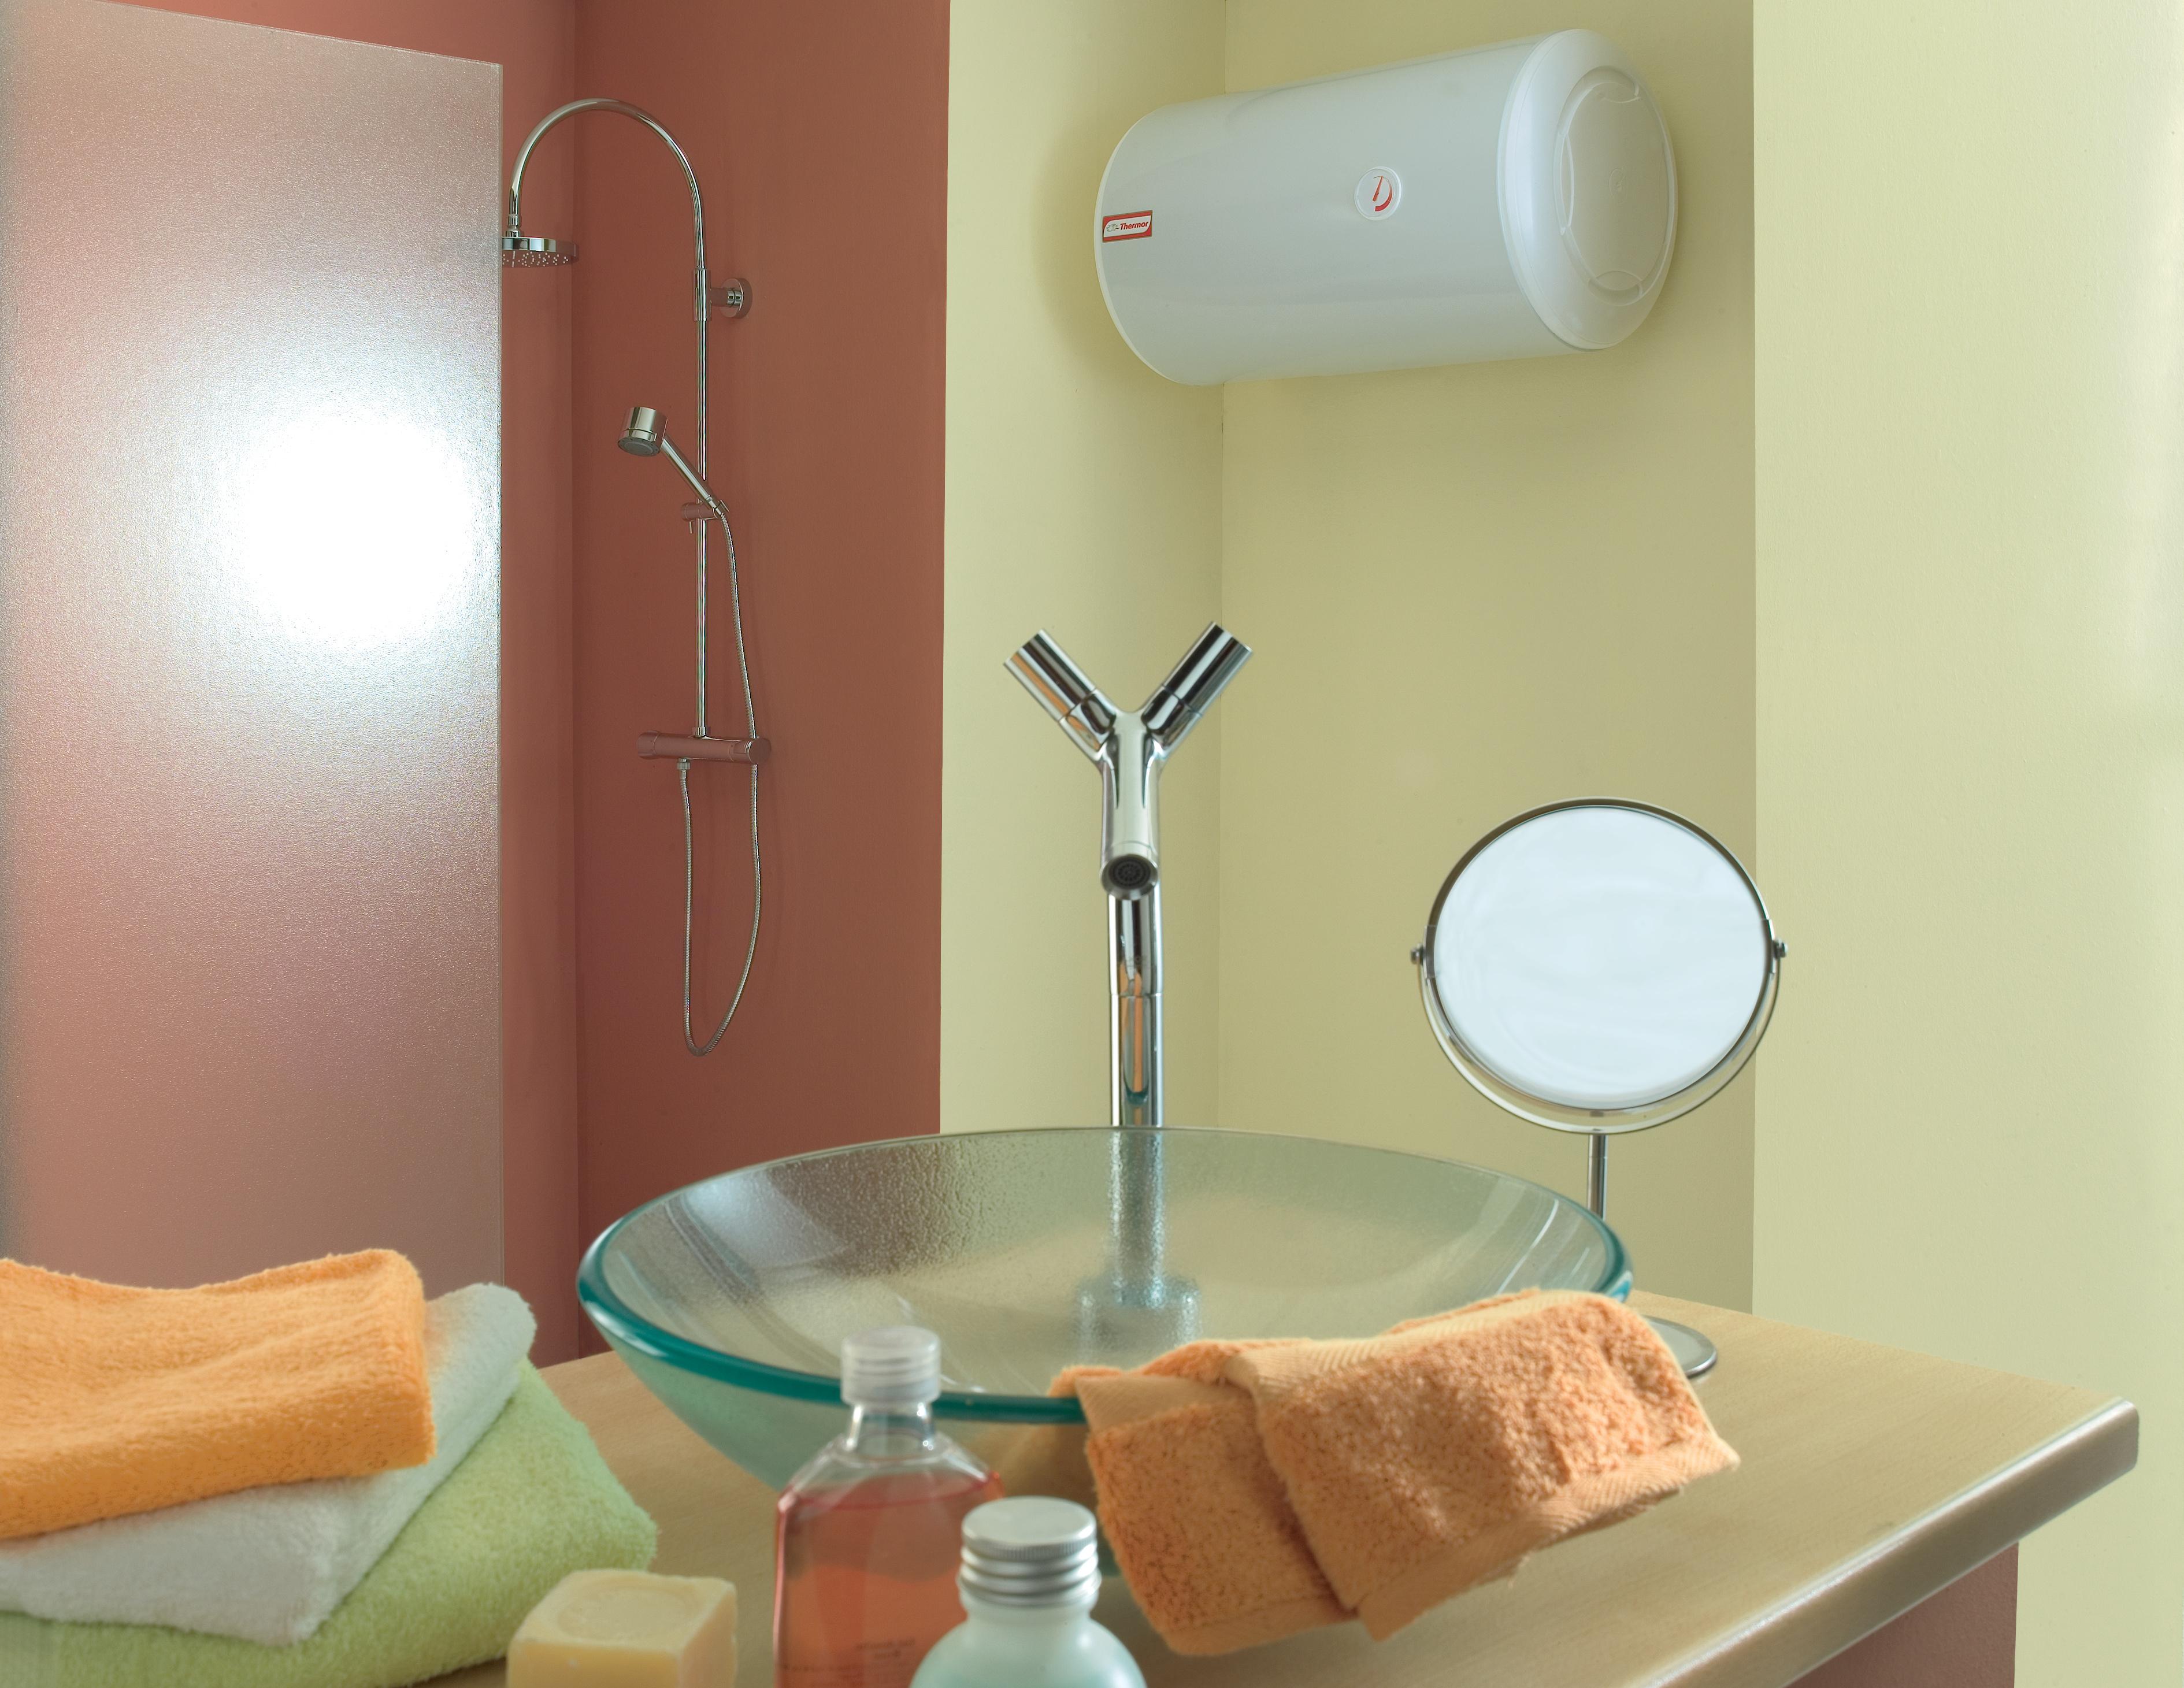 Как выбрать водонагреватель для квартиры какой лучше и почему, рейтинг лучших производителей